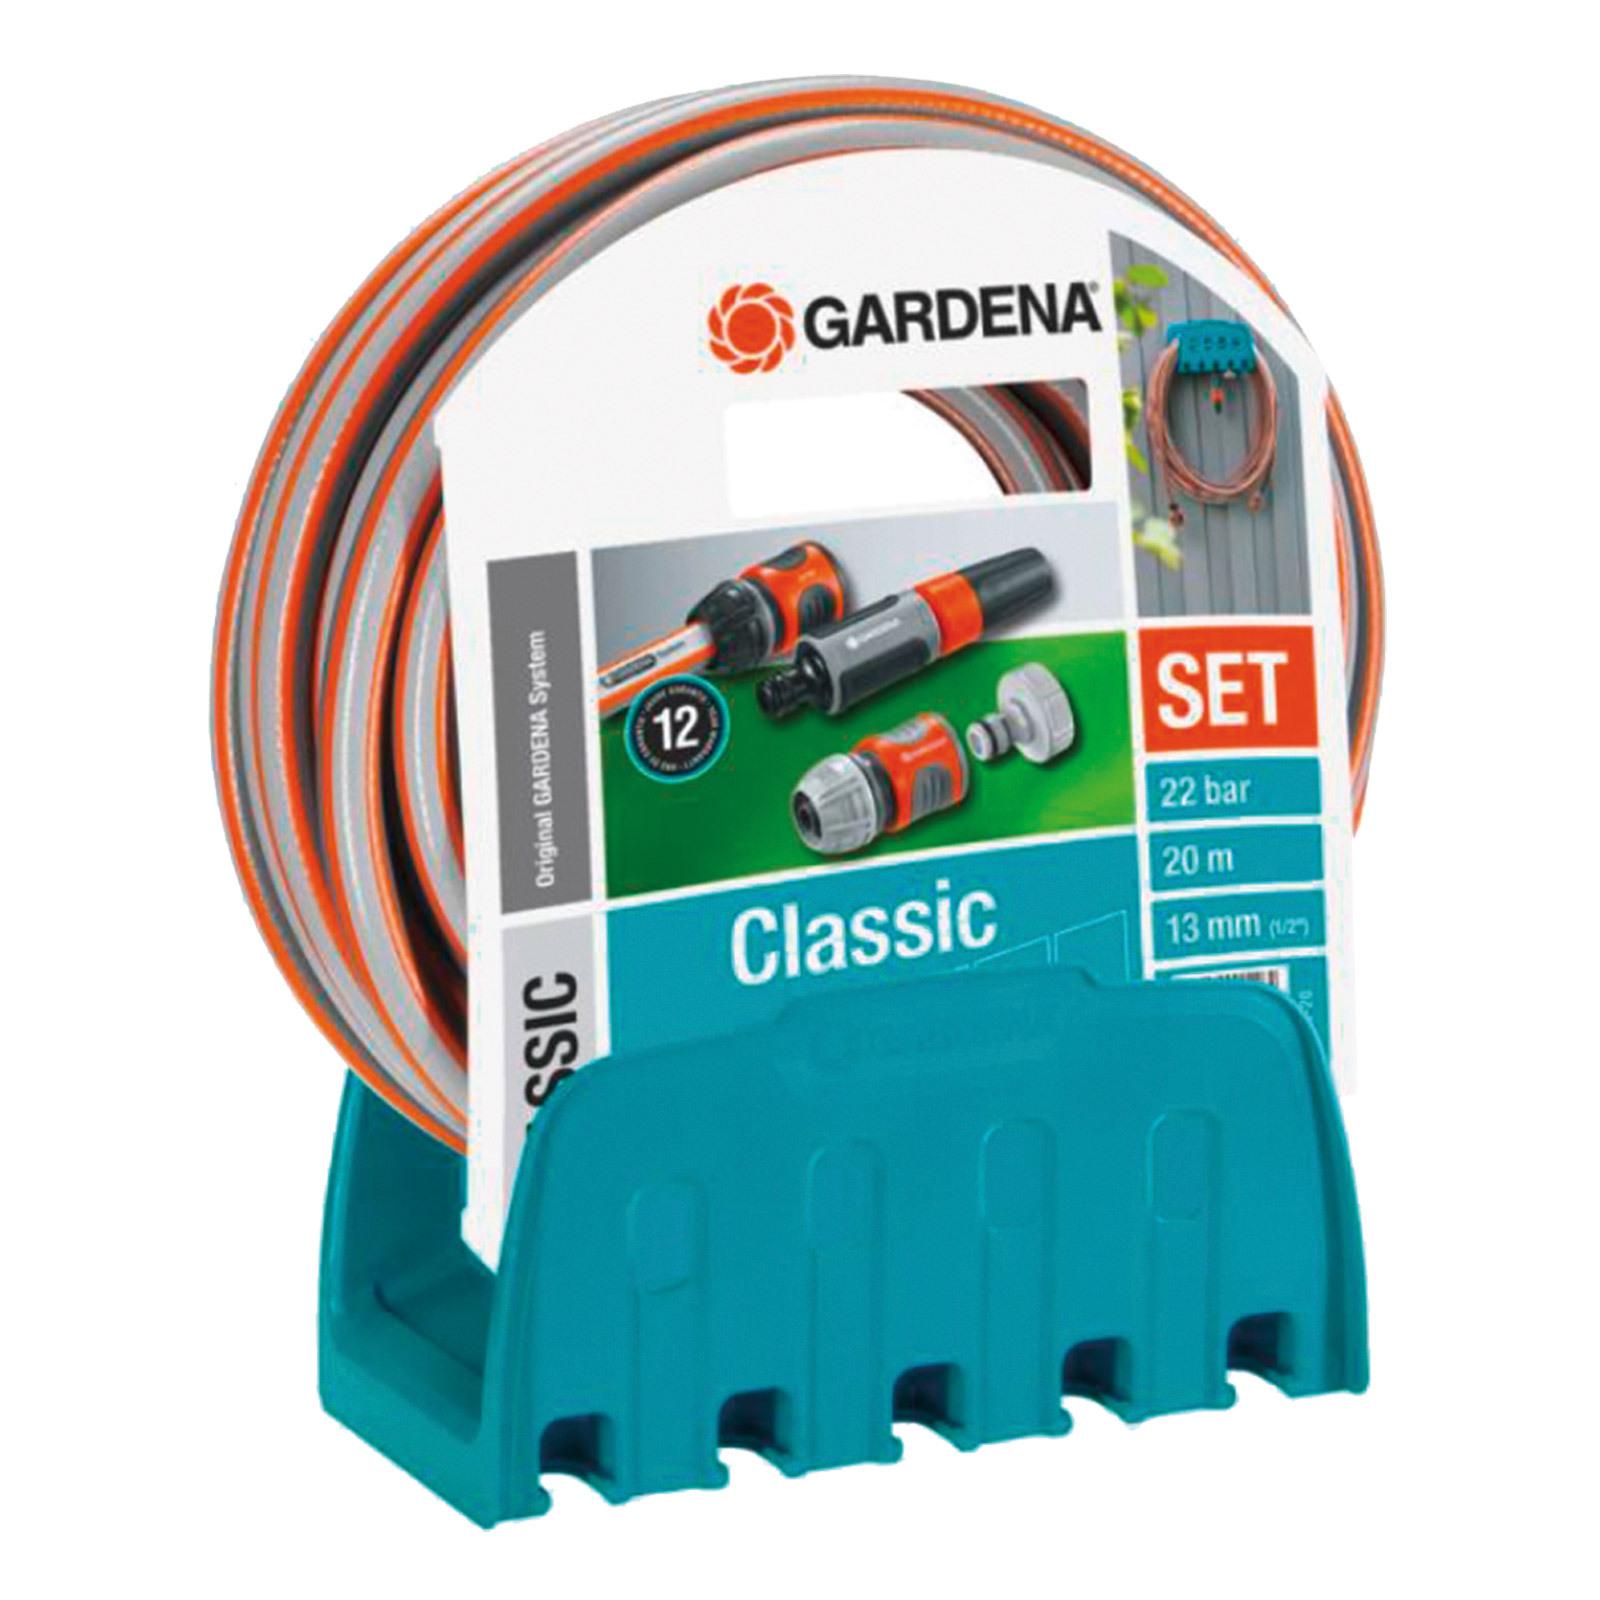 gardena wandschlauchhalter schlauchhalter mit schlauch 20m zubeh r 18005 50 ebay. Black Bedroom Furniture Sets. Home Design Ideas